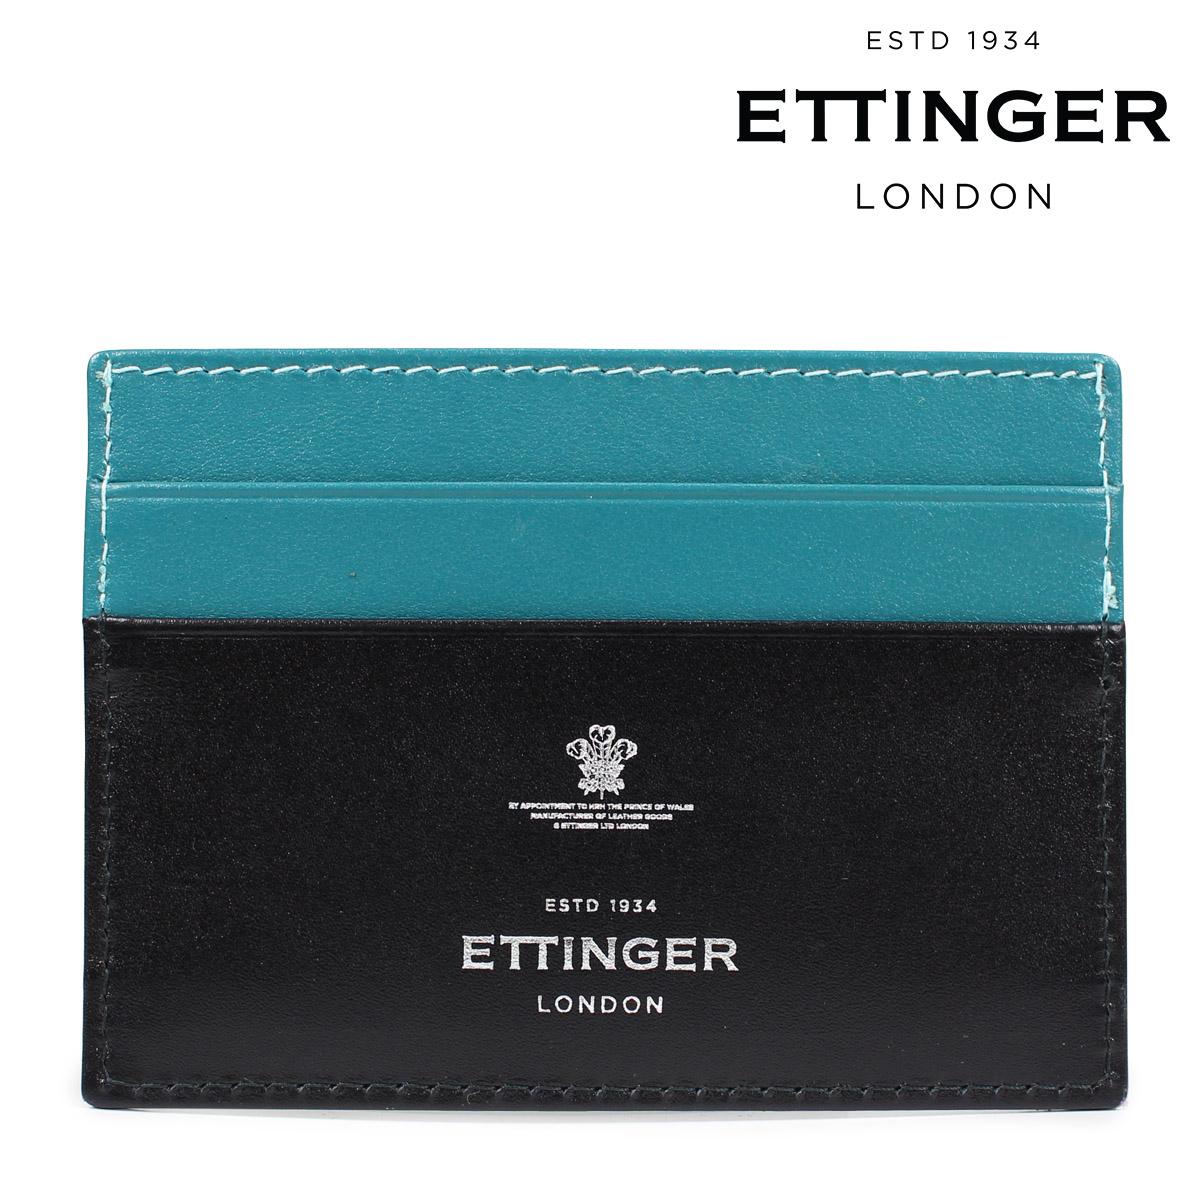 ETTINGER エッティンガー 名刺入れ カードケース メンズ STERLING FLAT CREDIT CARD CASE ブラック ST248JR [9/7 再入荷]